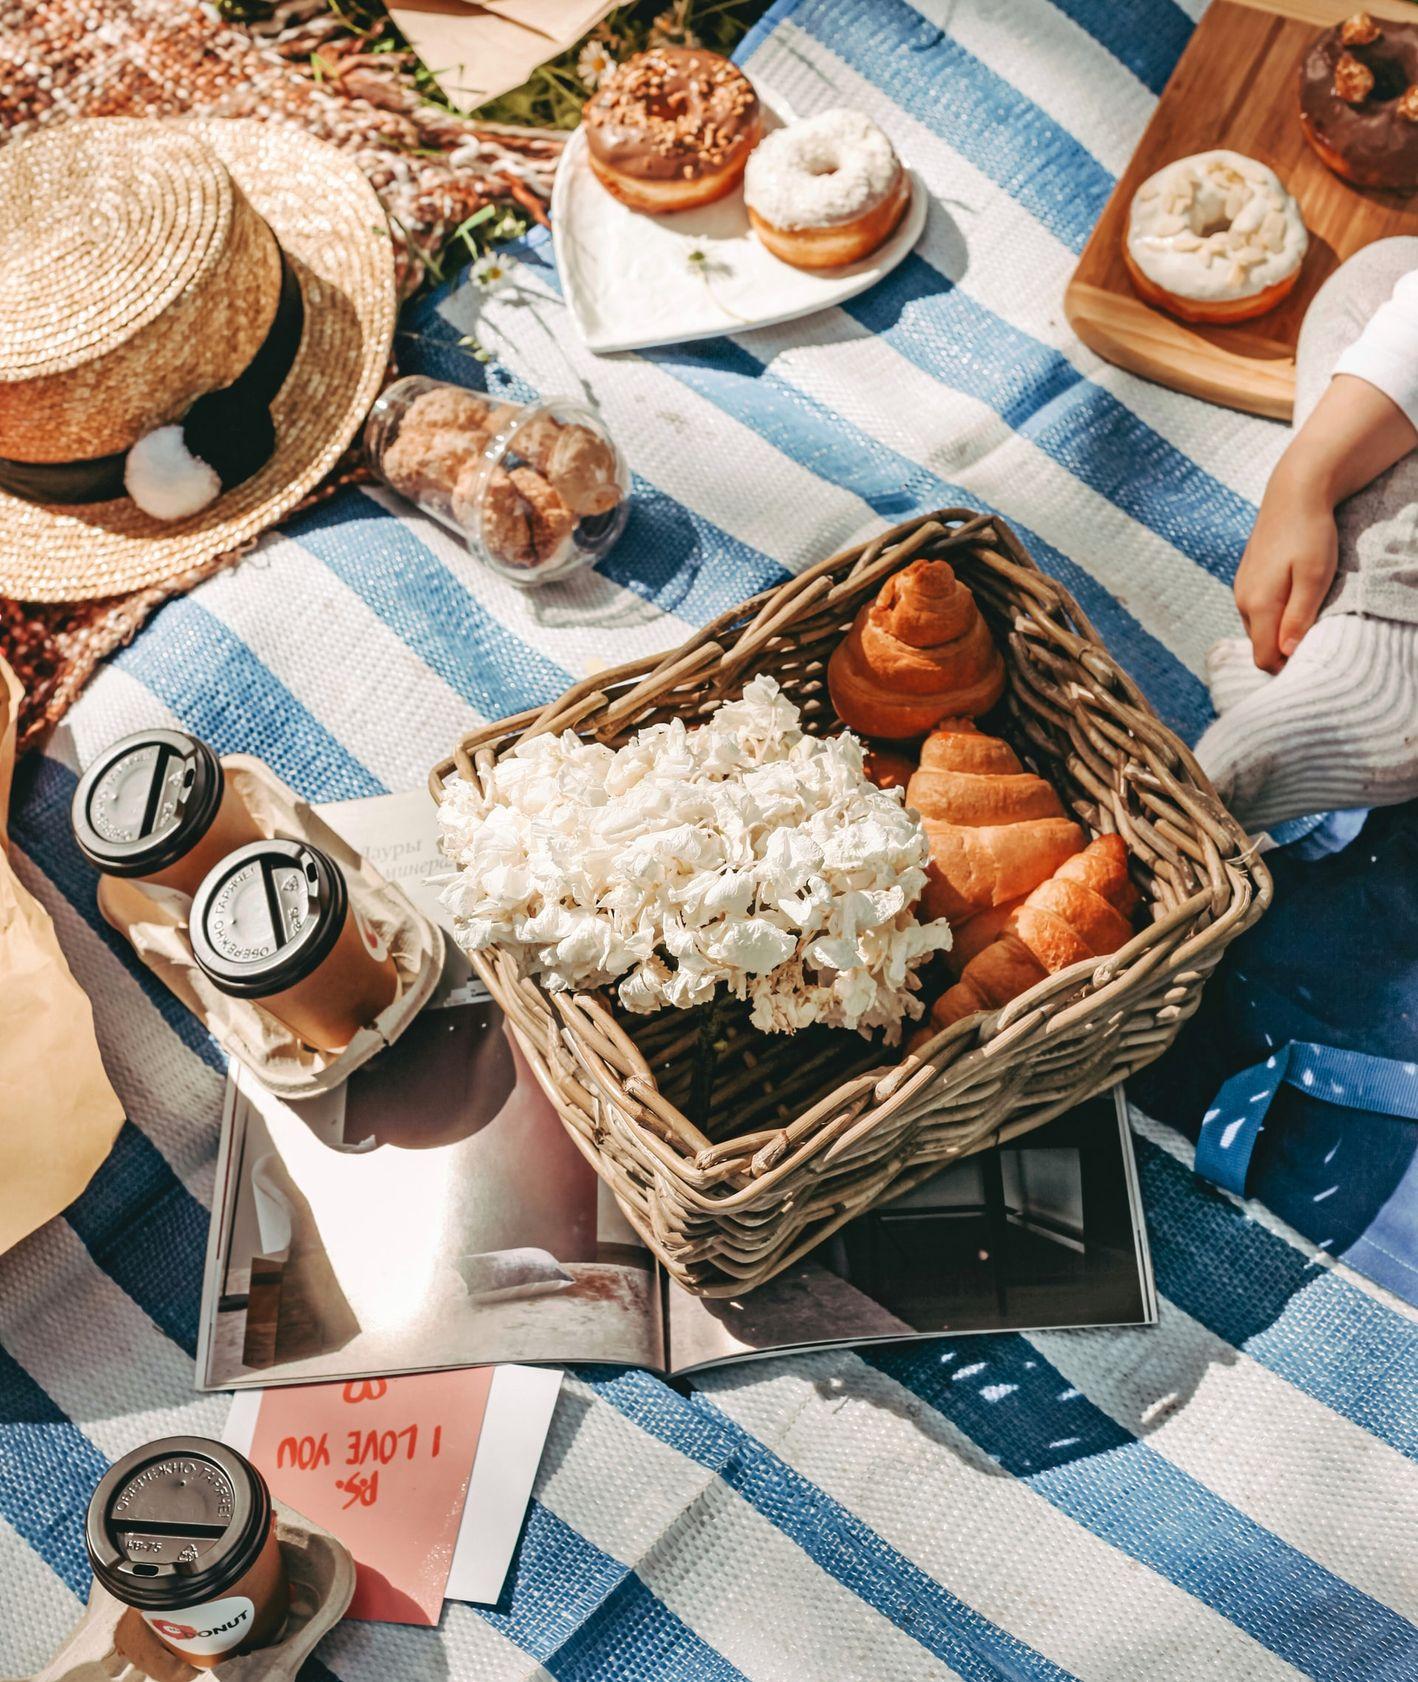 Piknik, relaks na zewnątrz, ciepła pogoda (fot. Svetlana Kuznetsowa / unsplash.com)